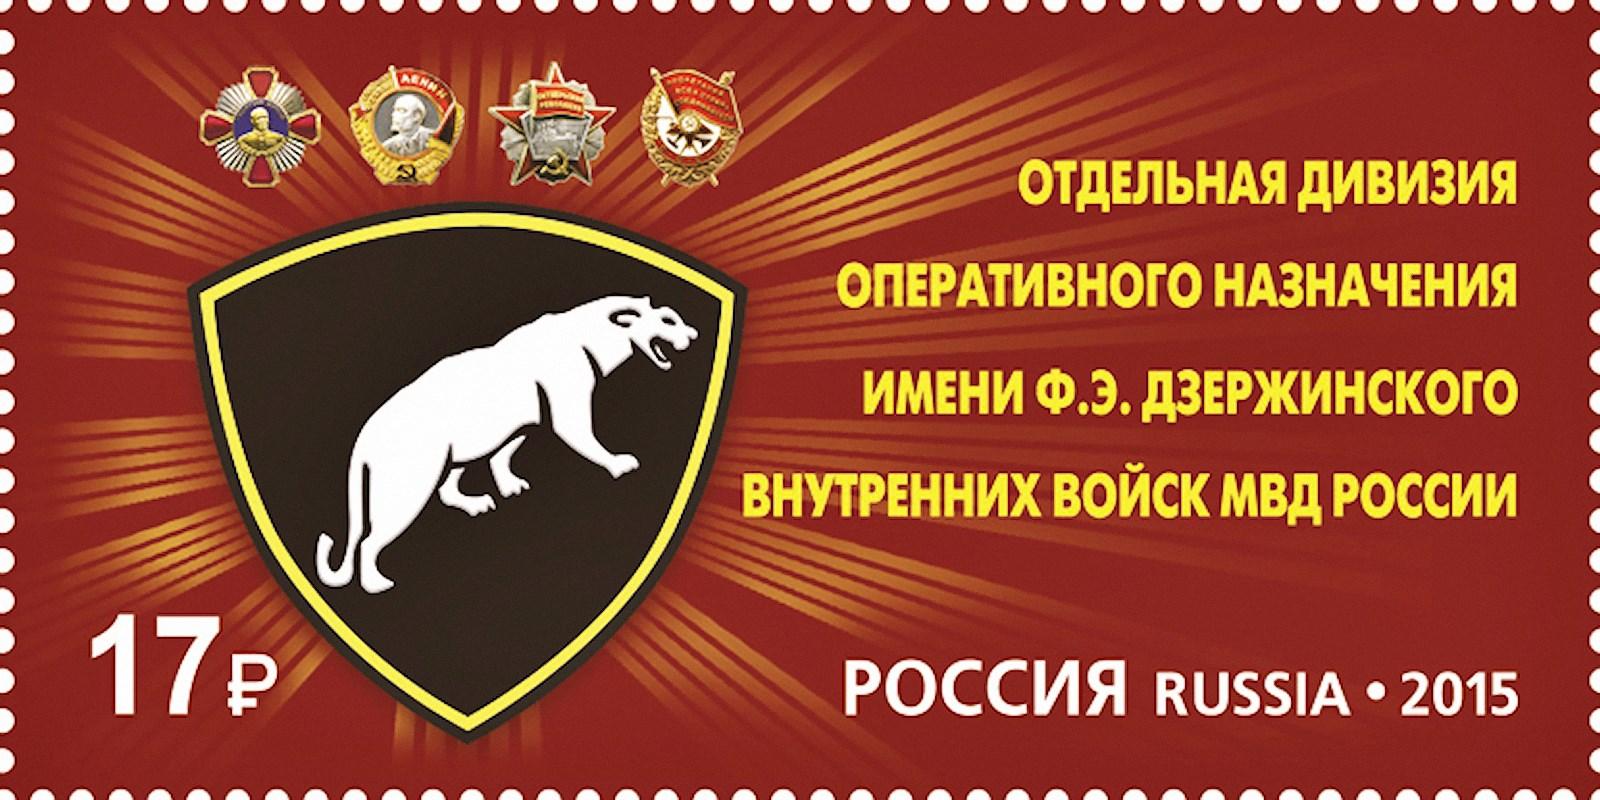 00 Dzerzhinsky division stamp. Russia. 140715